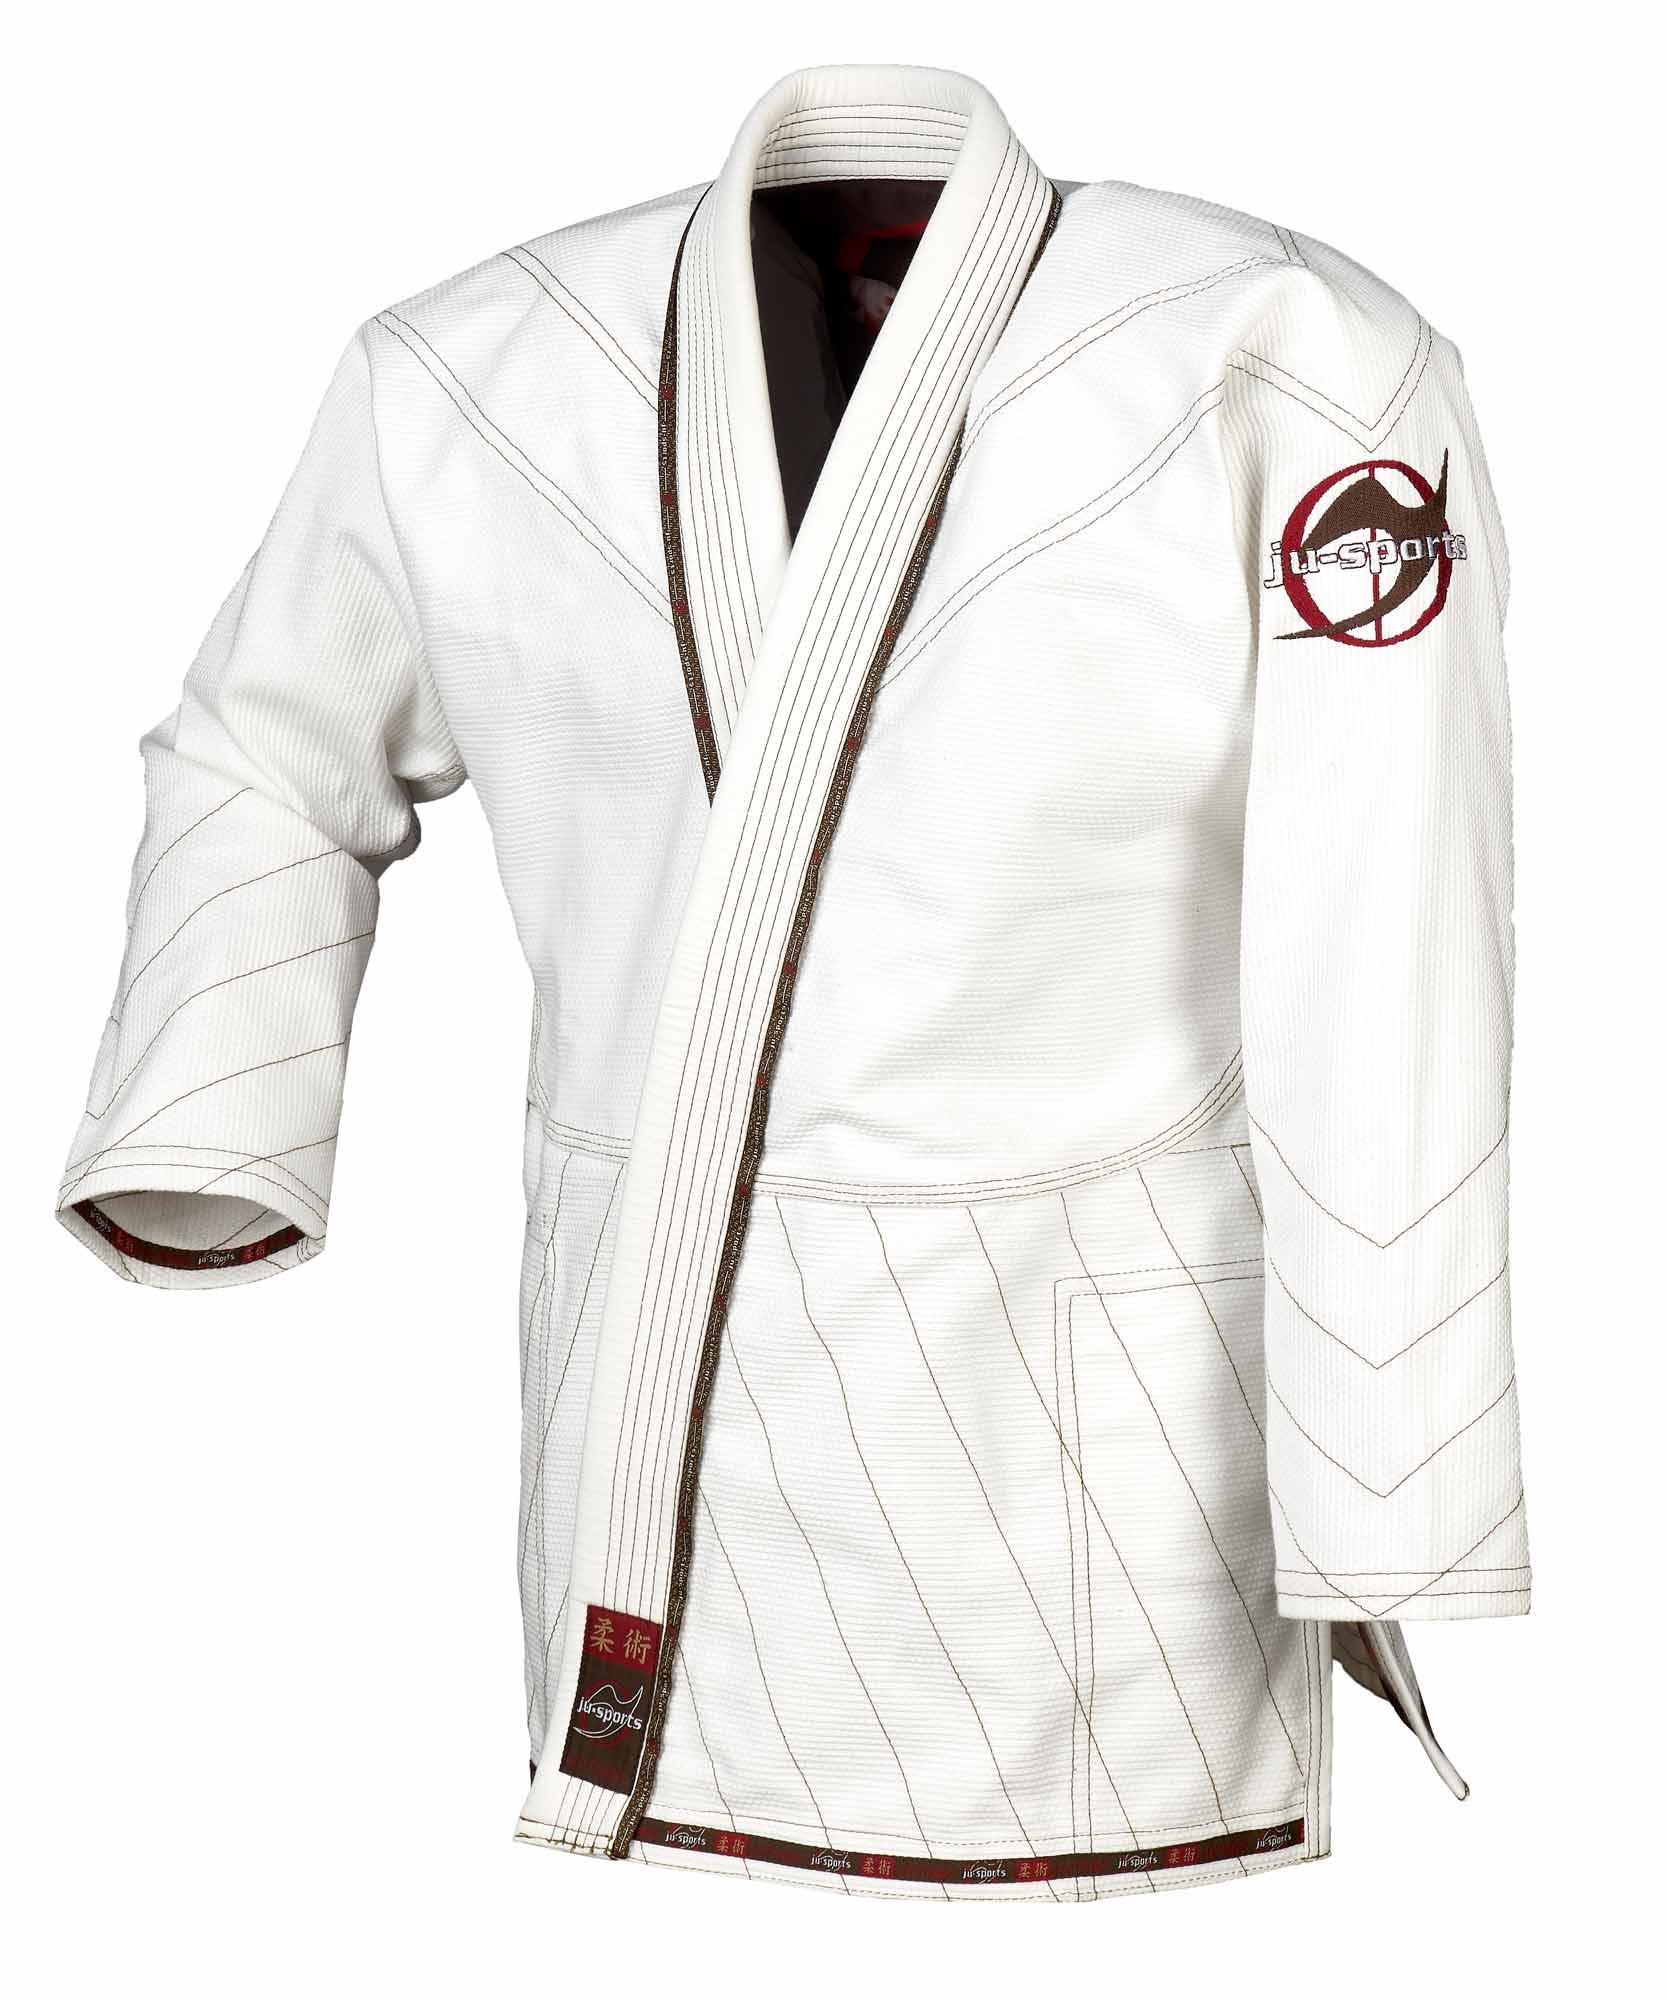 Kata Escrima 100cm Kendo Ju Jutsu Karate Kwon Bokken Holzschwert gefärbt